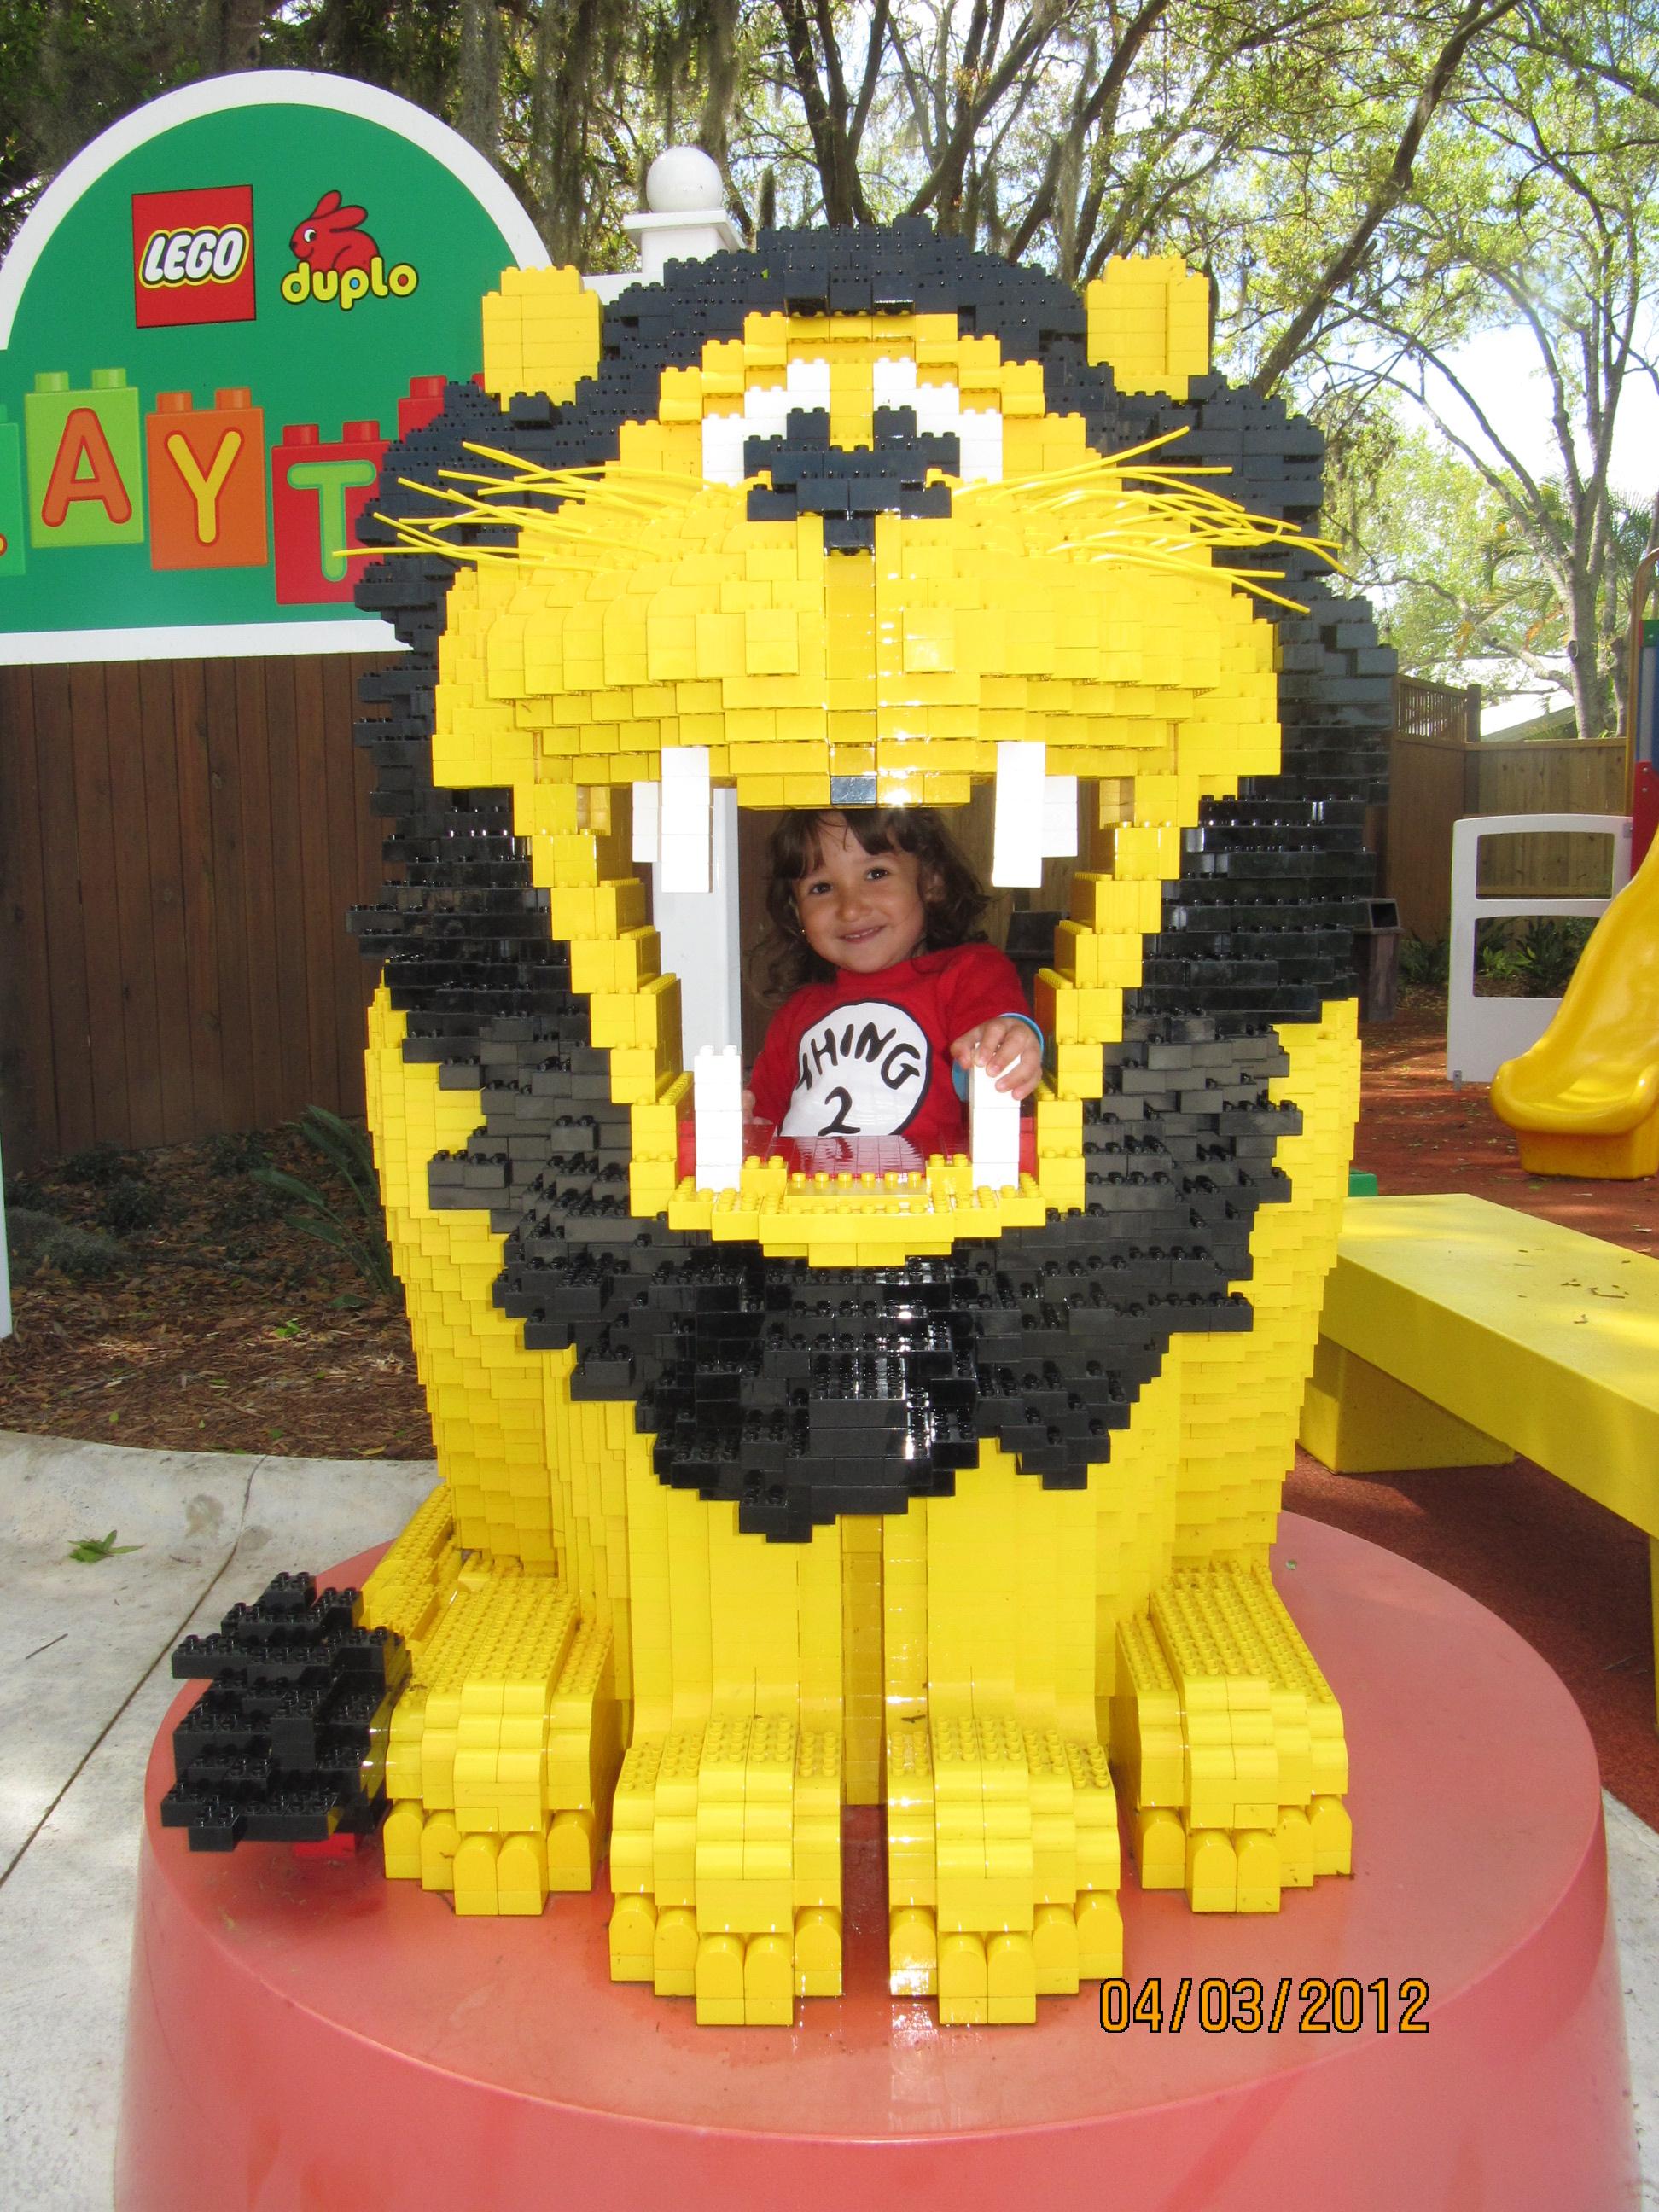 Na boca do leão de LEGO